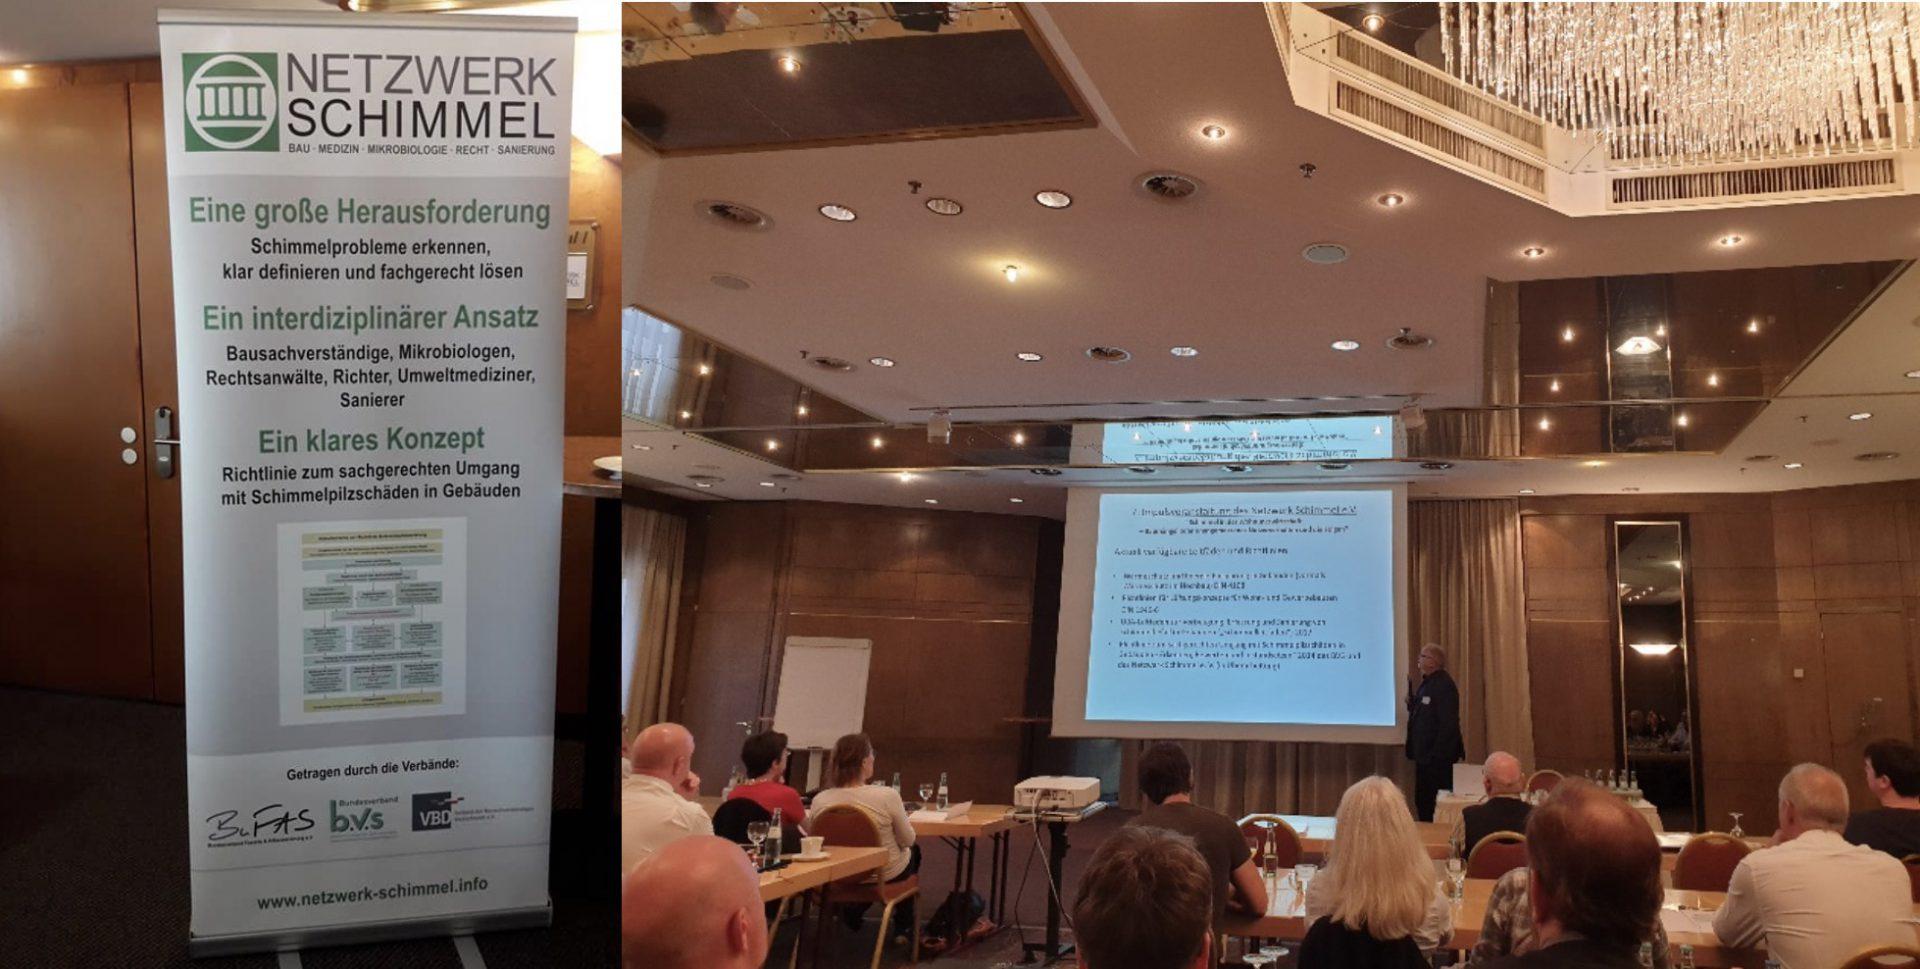 Rückblick auf die 7. Impulsveranstaltung des Netzwerk Schimmel e.V. vom 27. September 2019 in Kassel